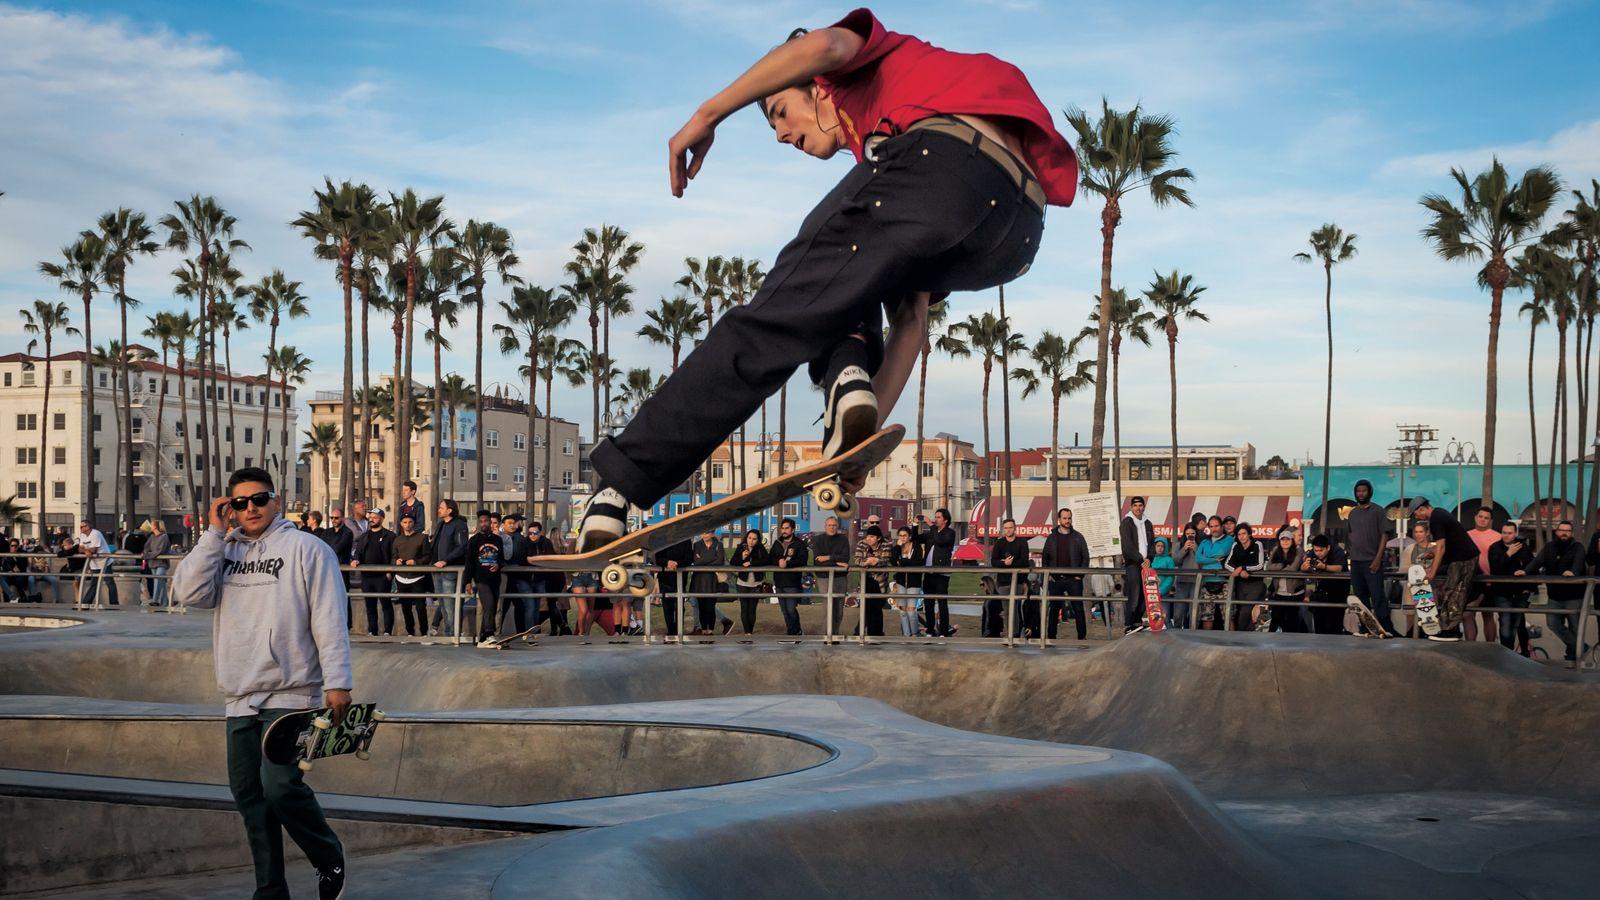 Une foule se rassemble au Venice Beach Skate Park pour assister aux exploits de skateurs comme ...